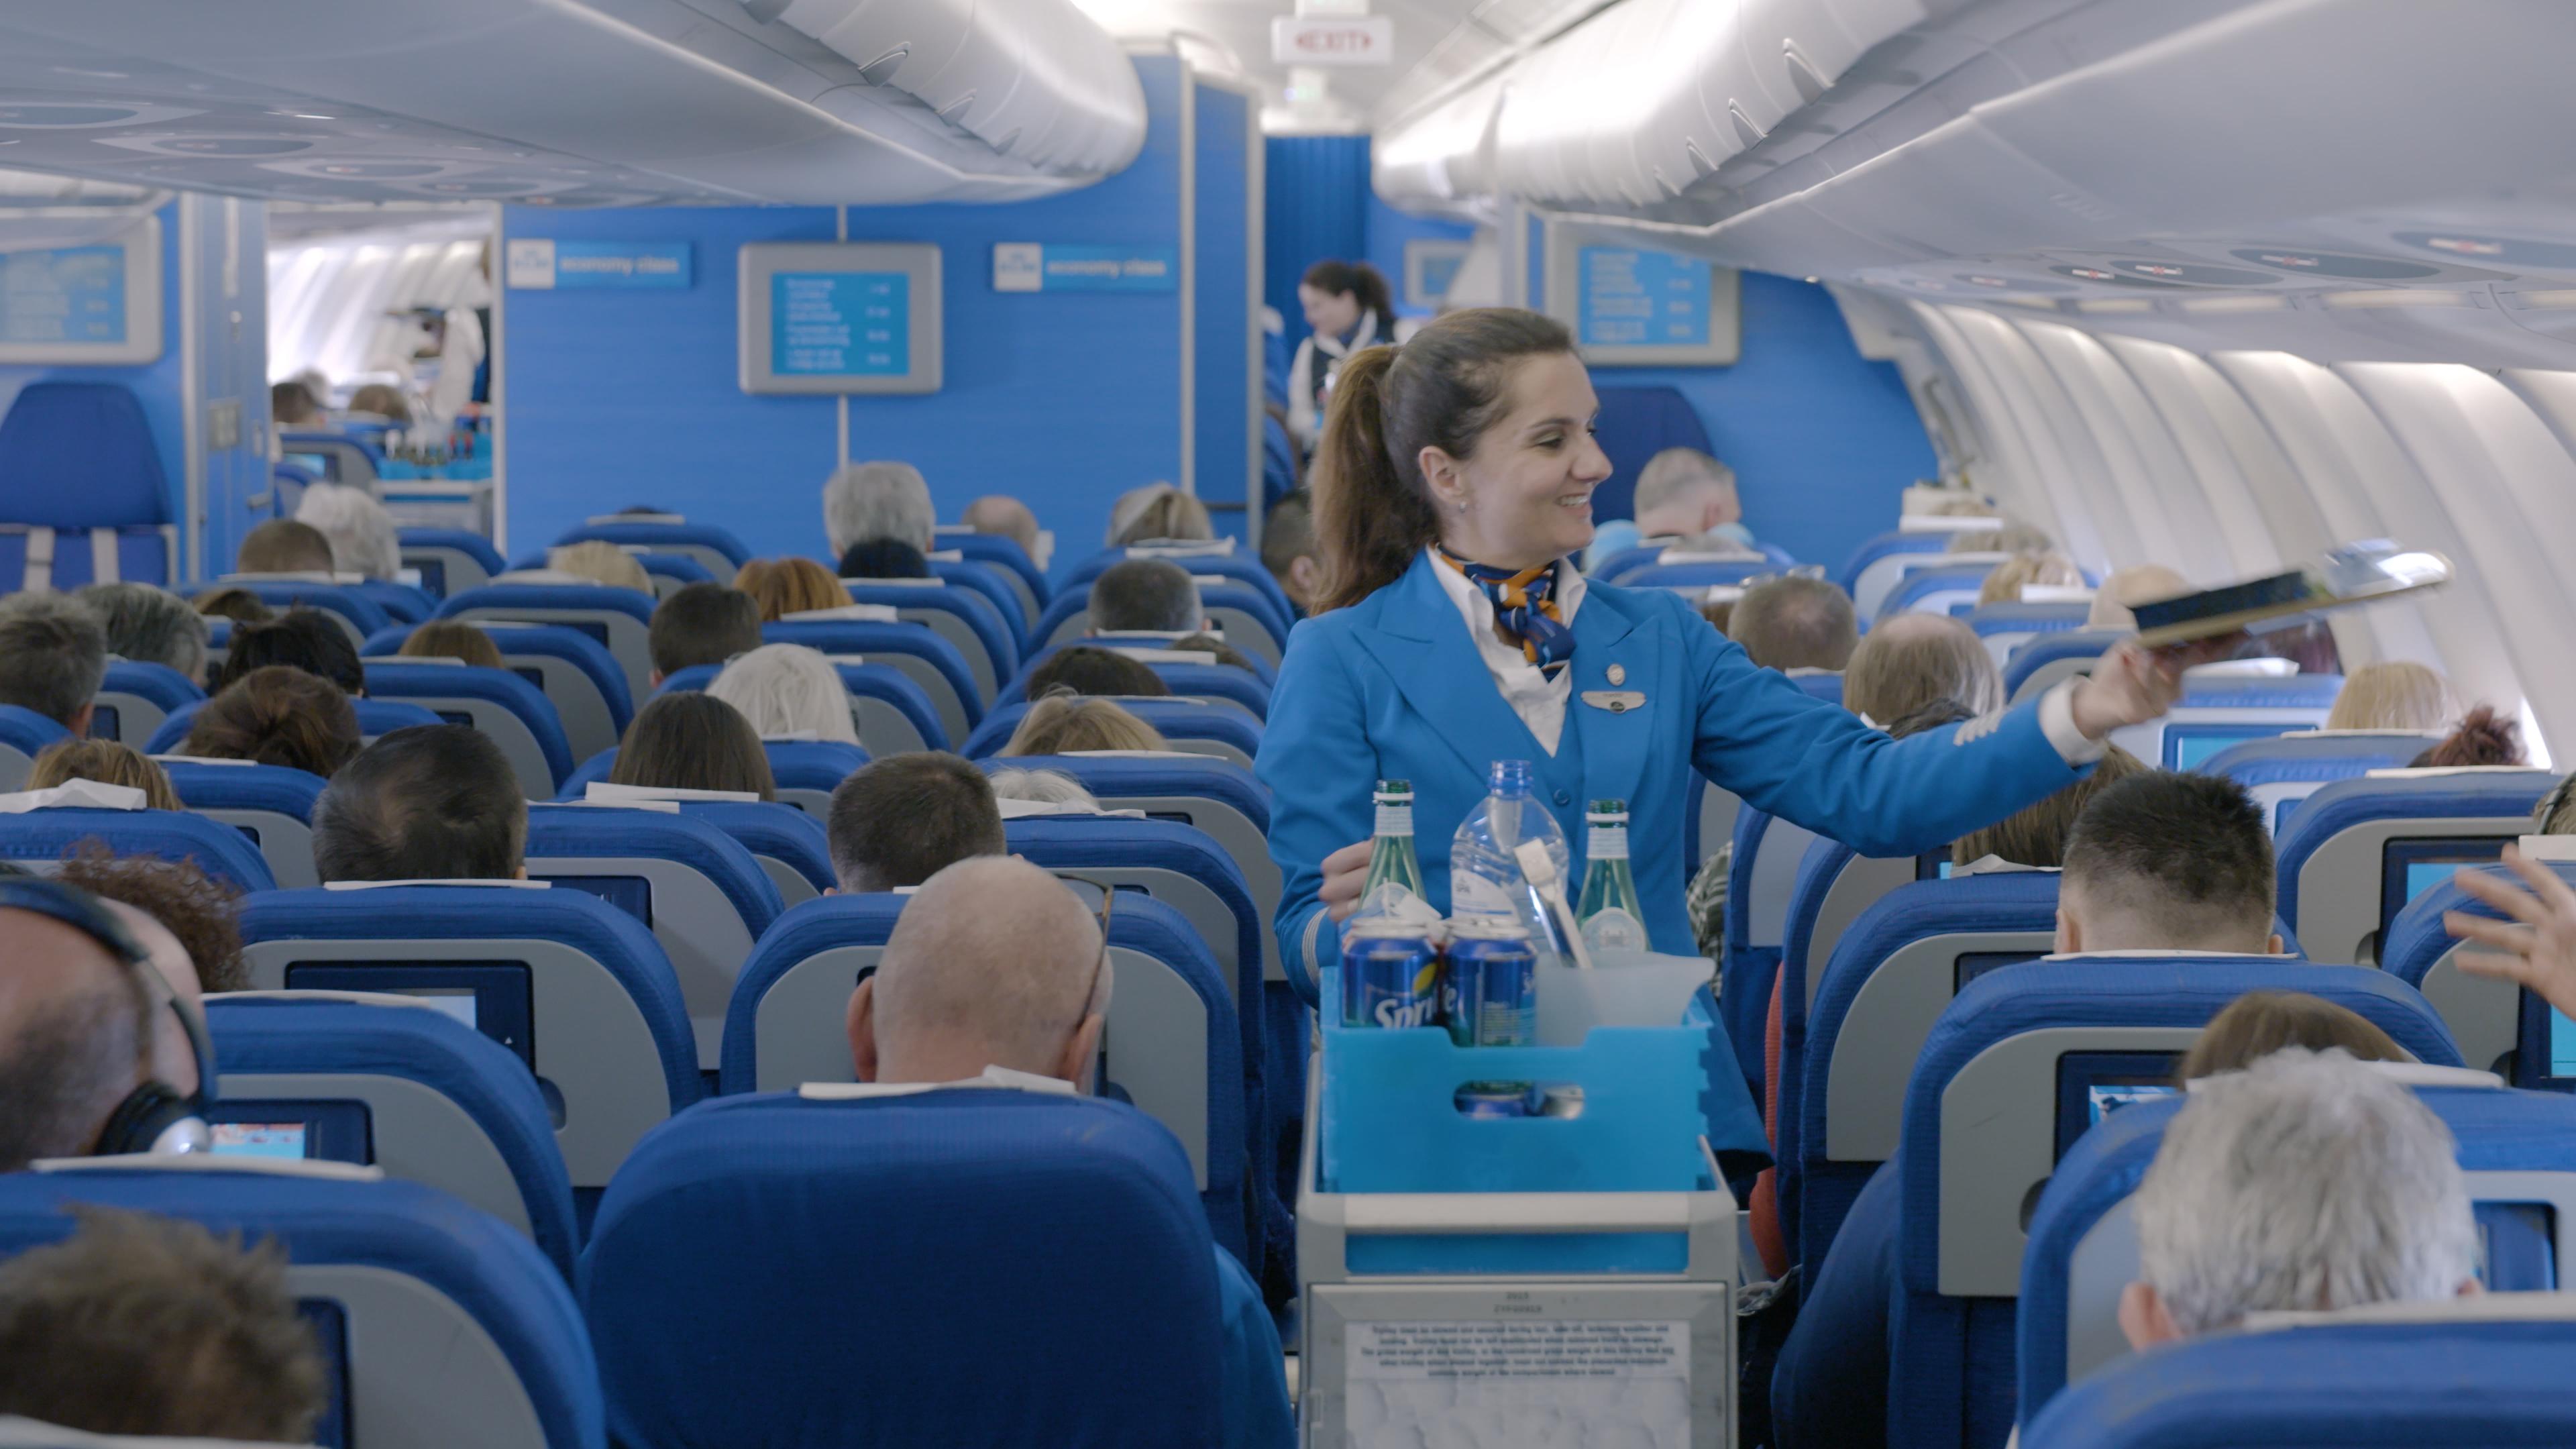 Kabinepersonale hos KLM truer med at nedlægge arbejdet, hvis ikke det hollandske flyselskab imødekommer lønkrav. Foto: KLM